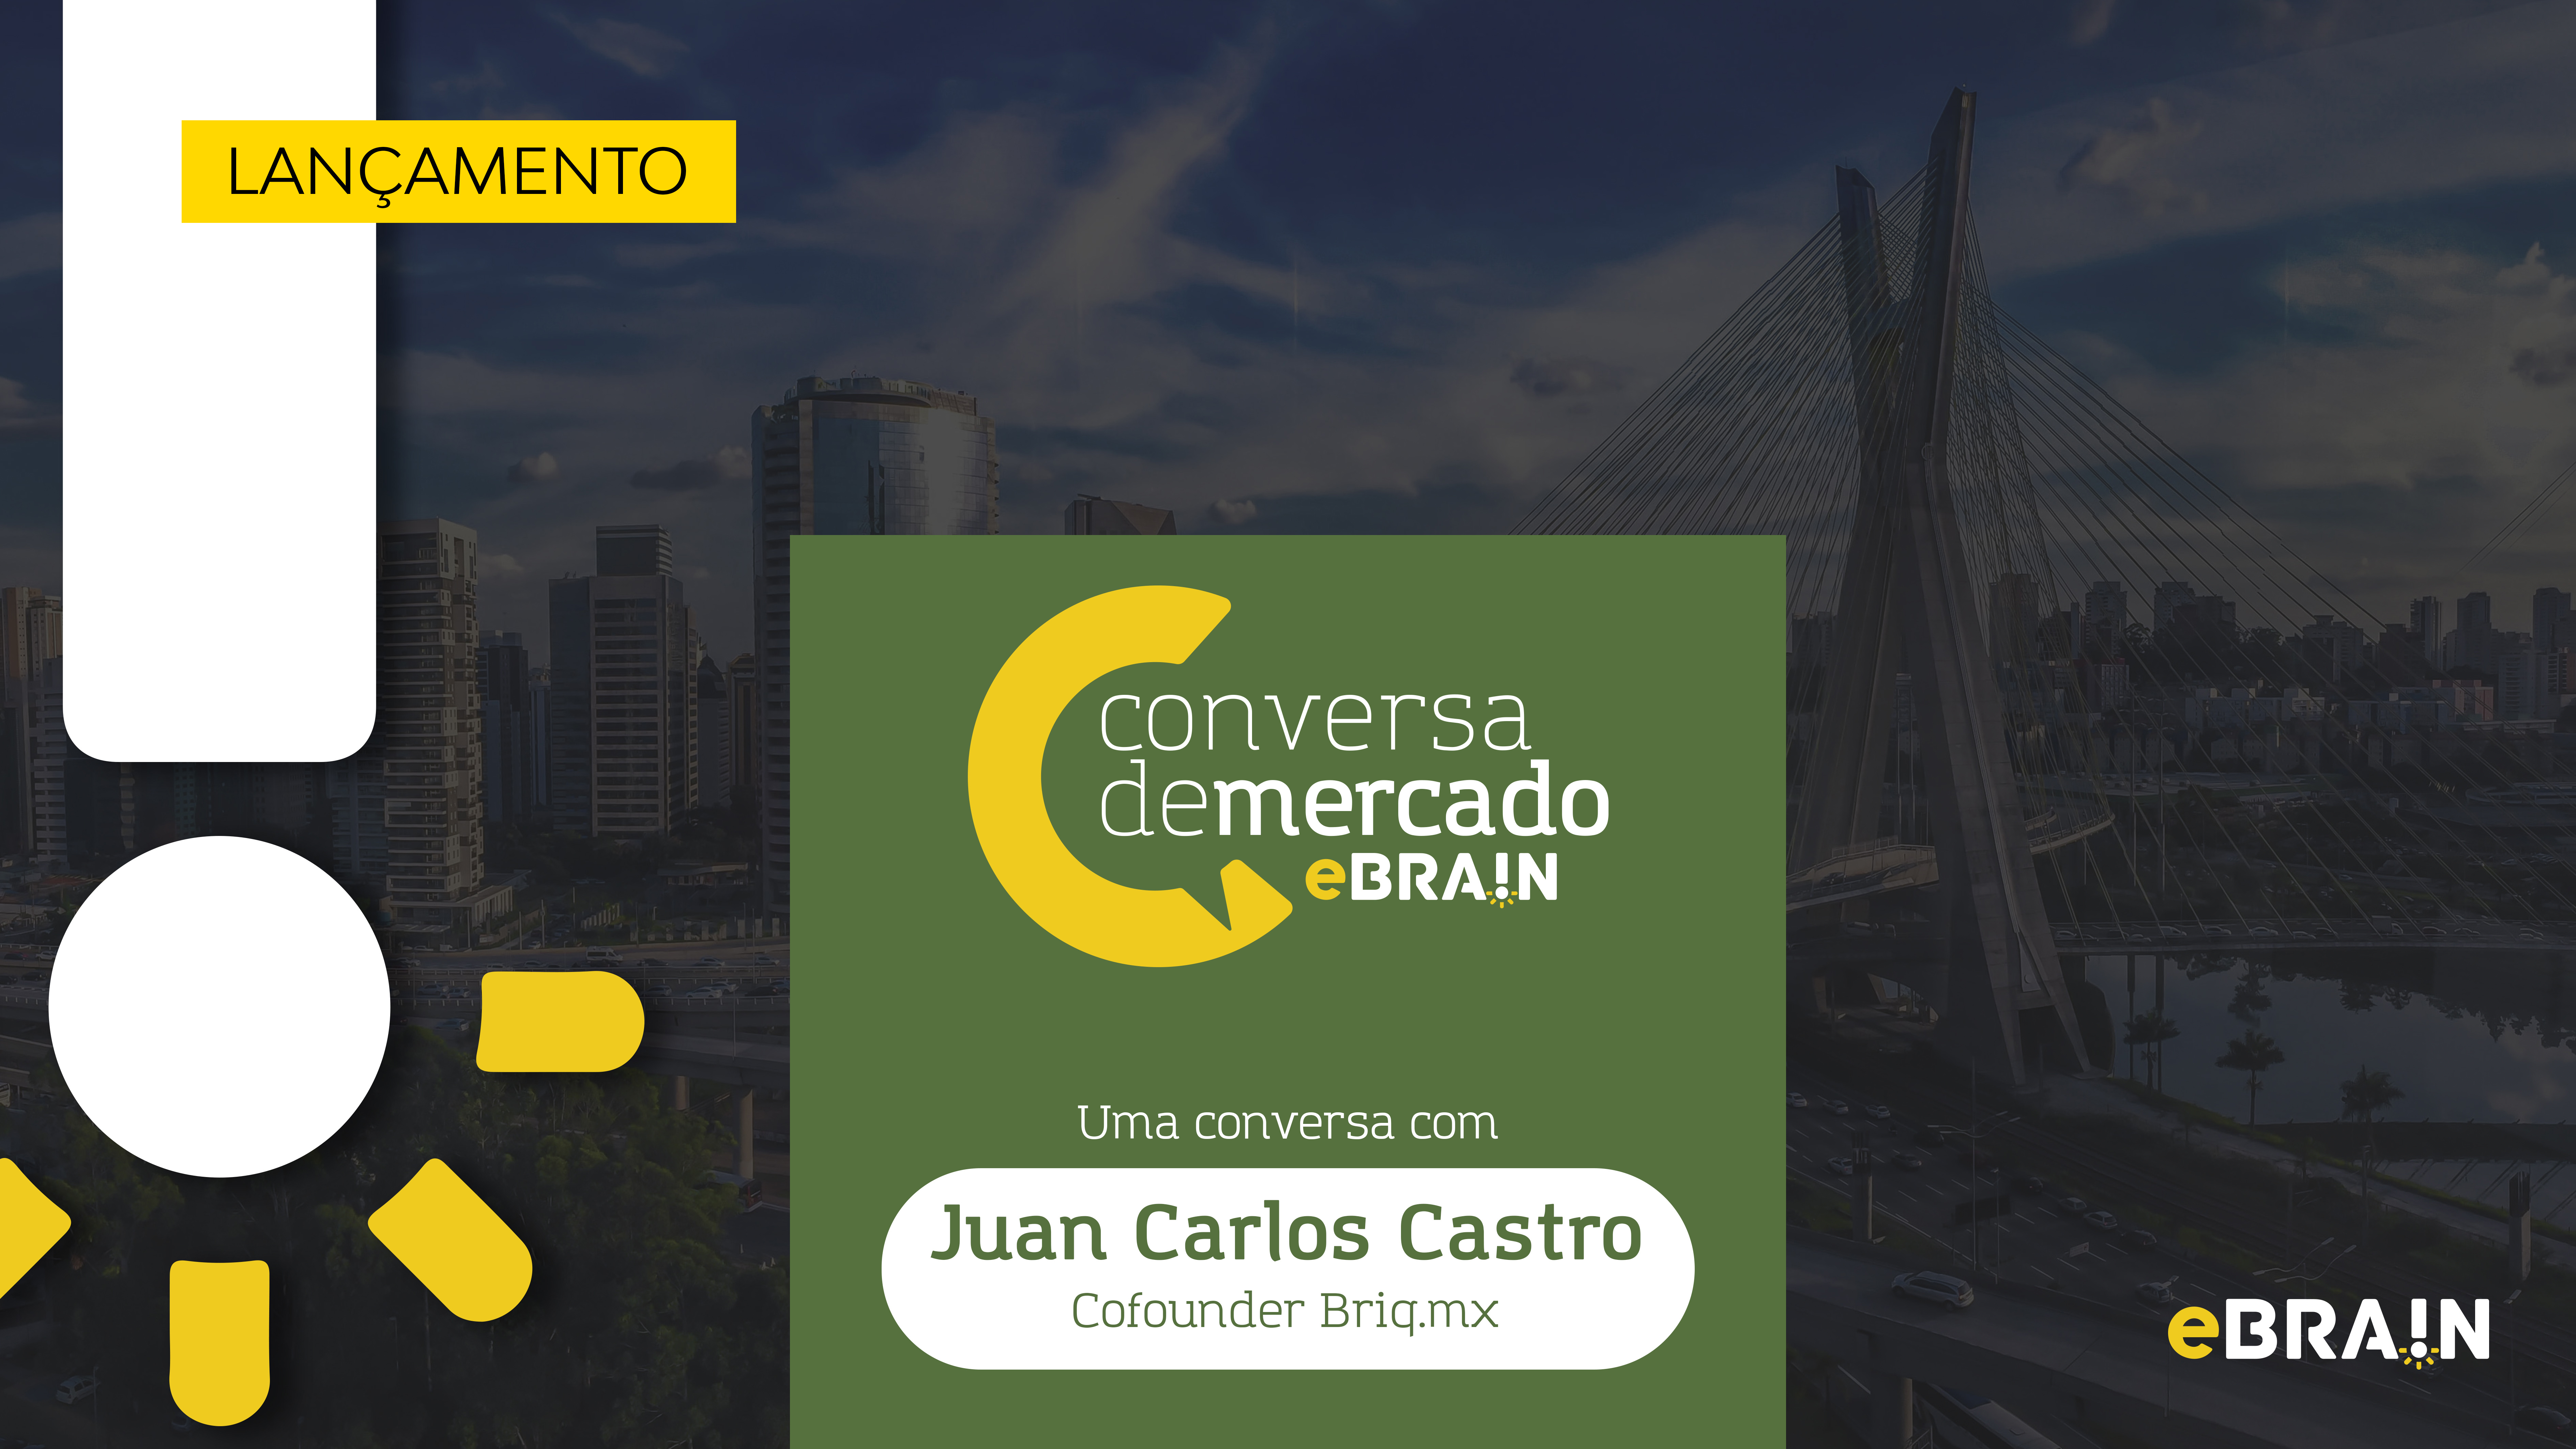 Juan%2bcarlos%2bcastro lancamento